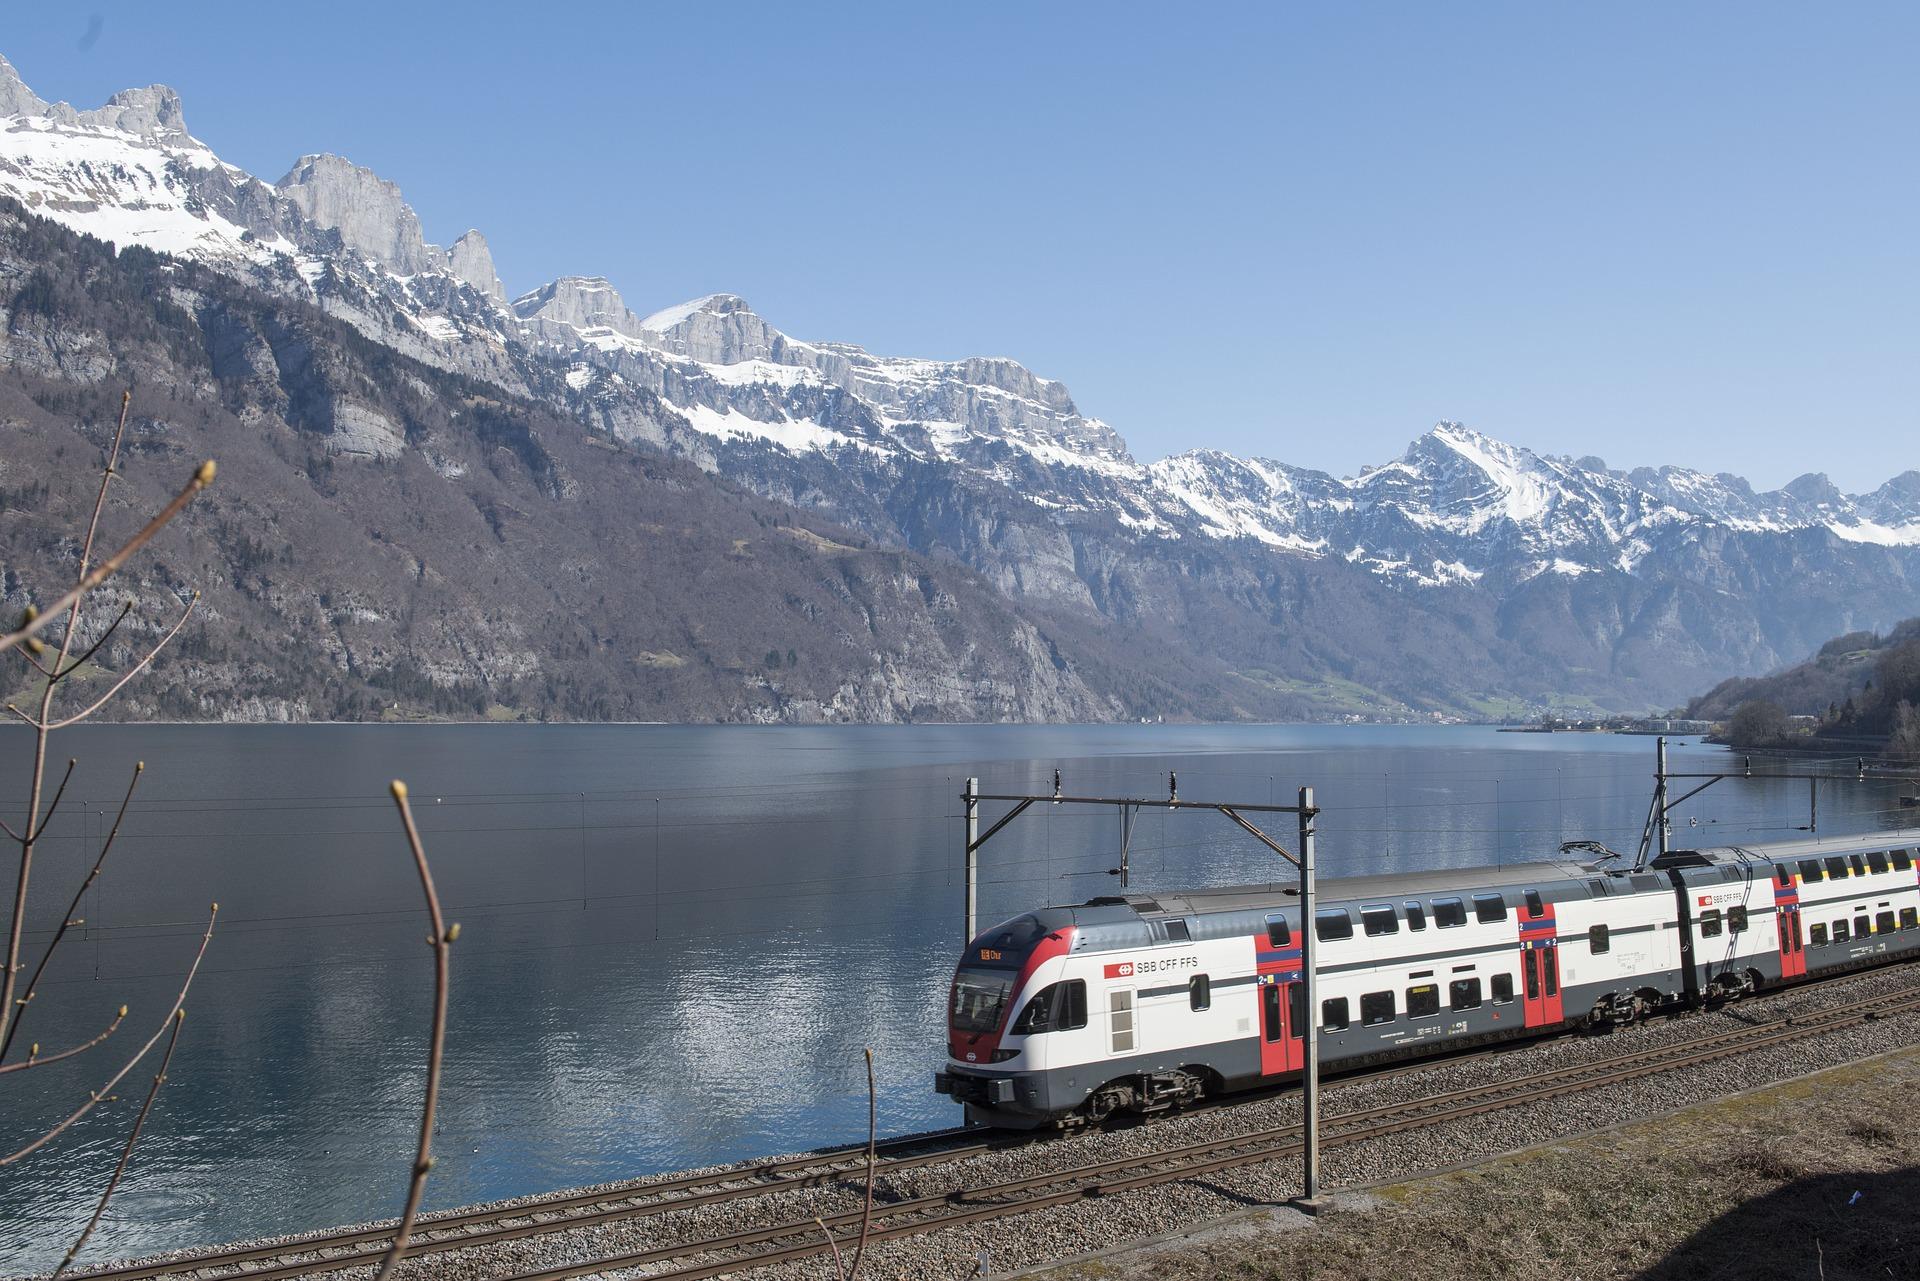 SBB-Zug vor einem See, dahinter eine Berglandschaft.